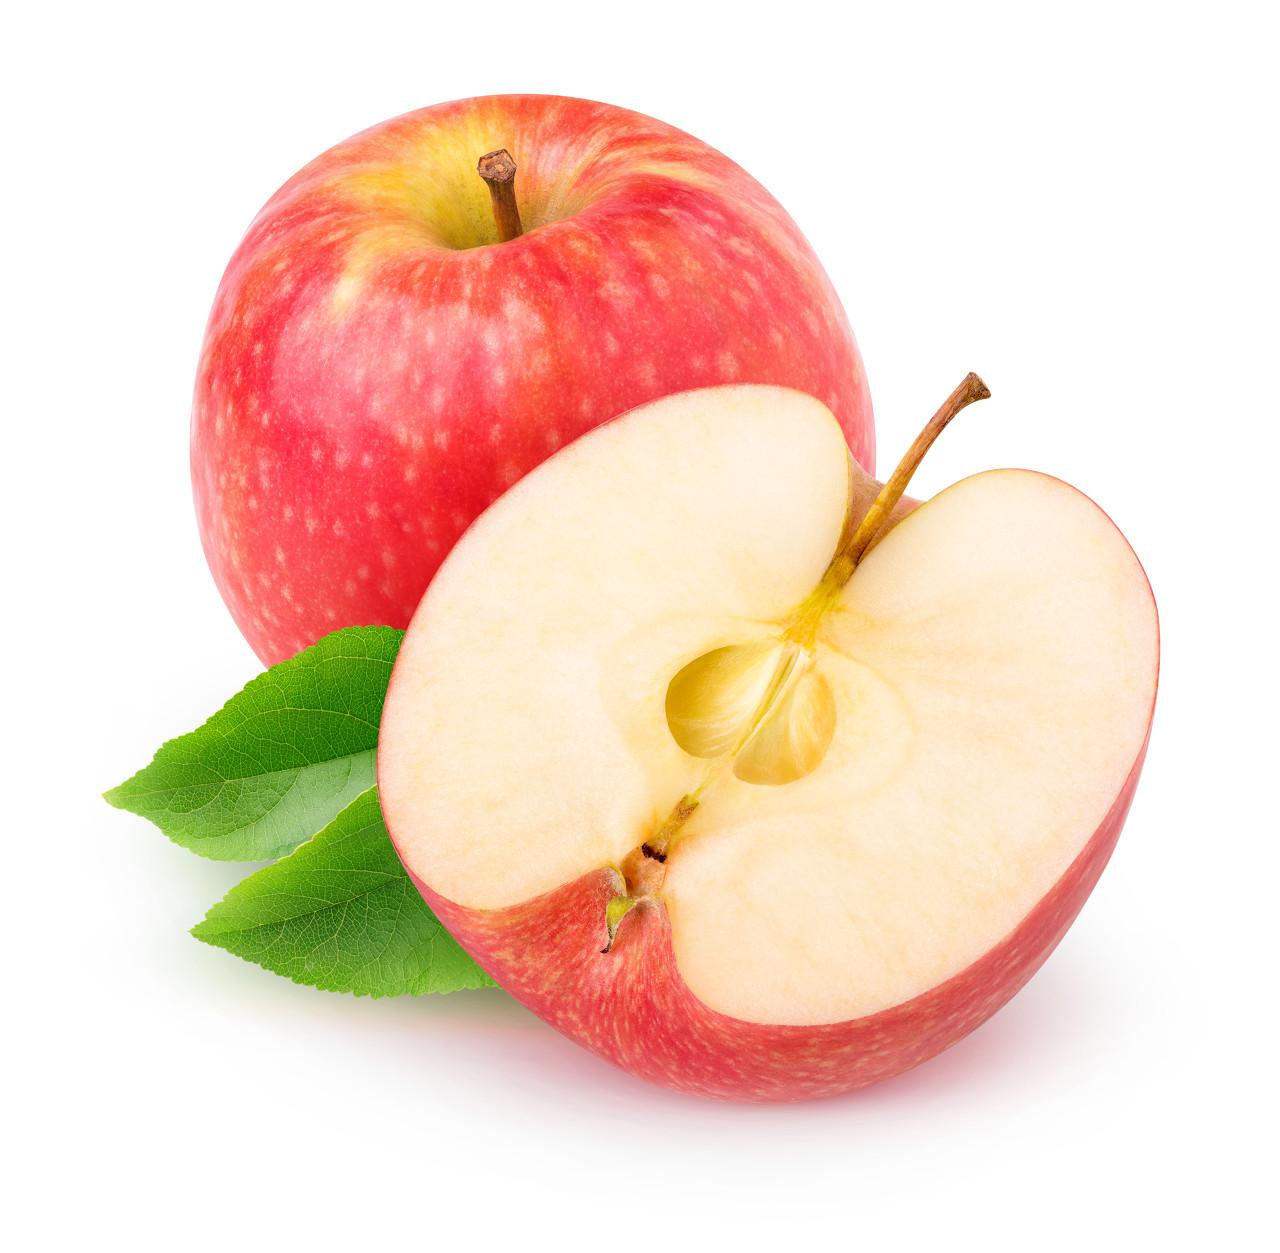 9月苹果期货波动将加剧 当心库存压力